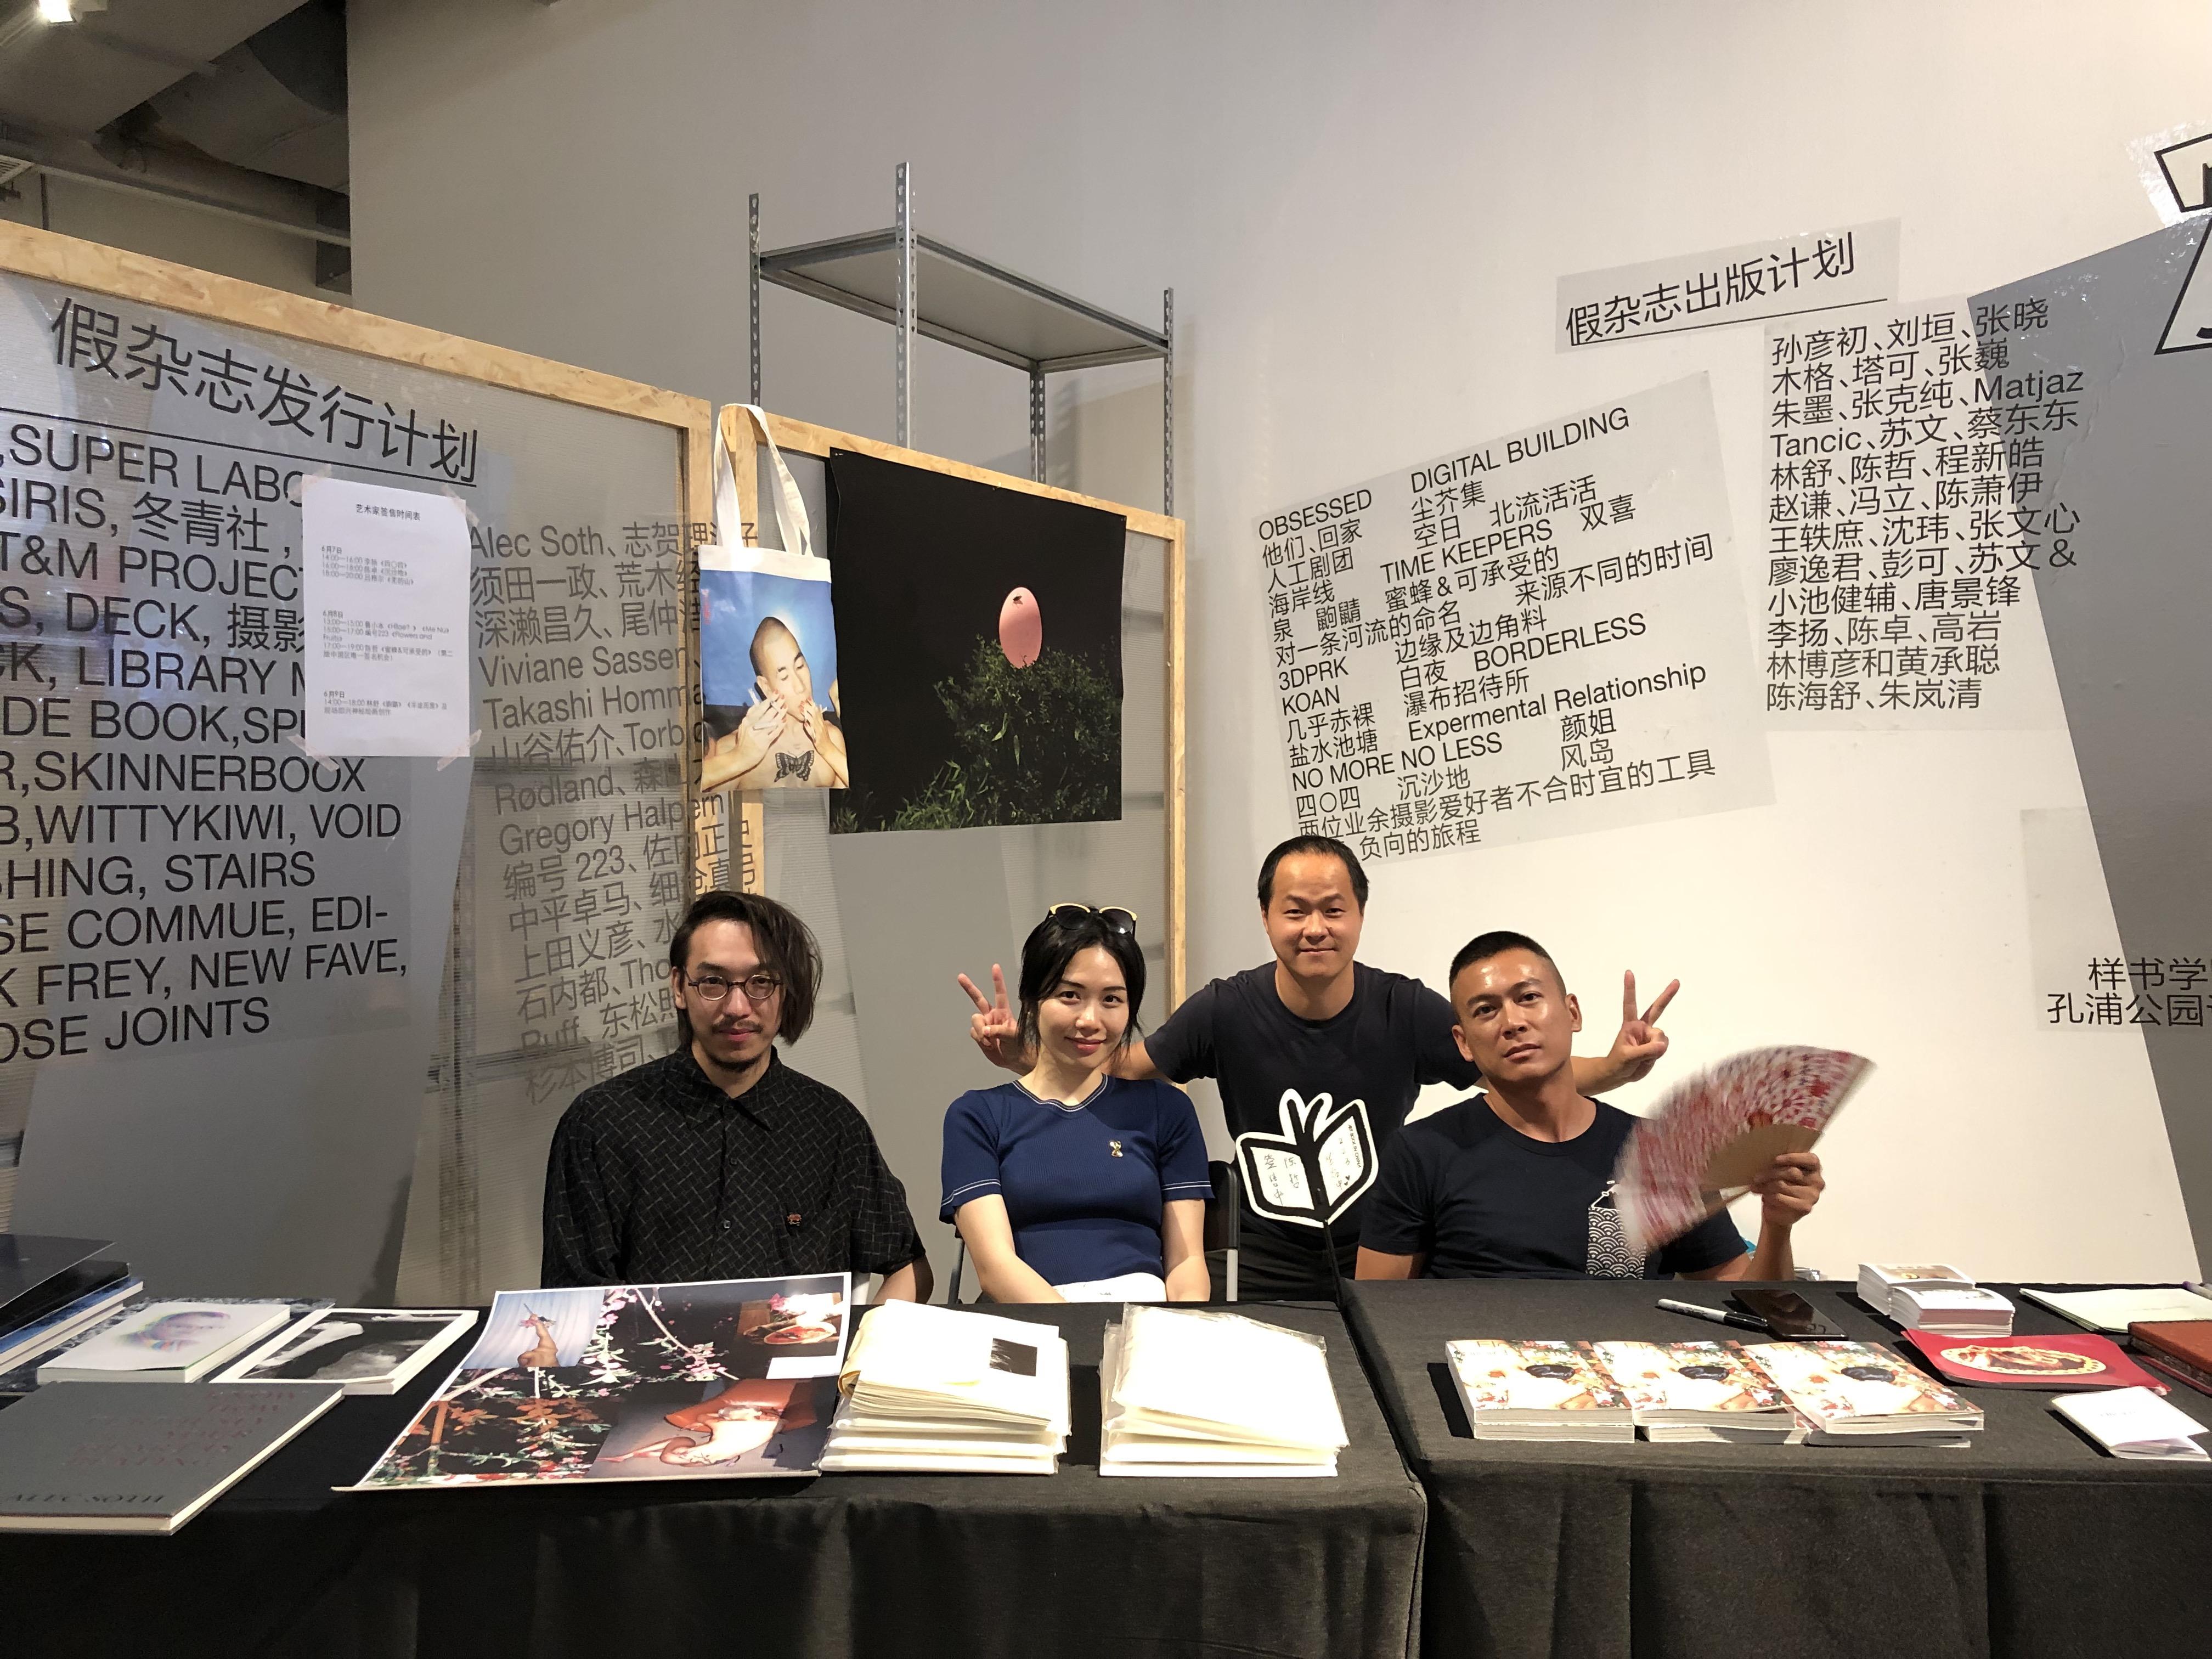 言由(左三)和假杂志团队参加艺术书展。